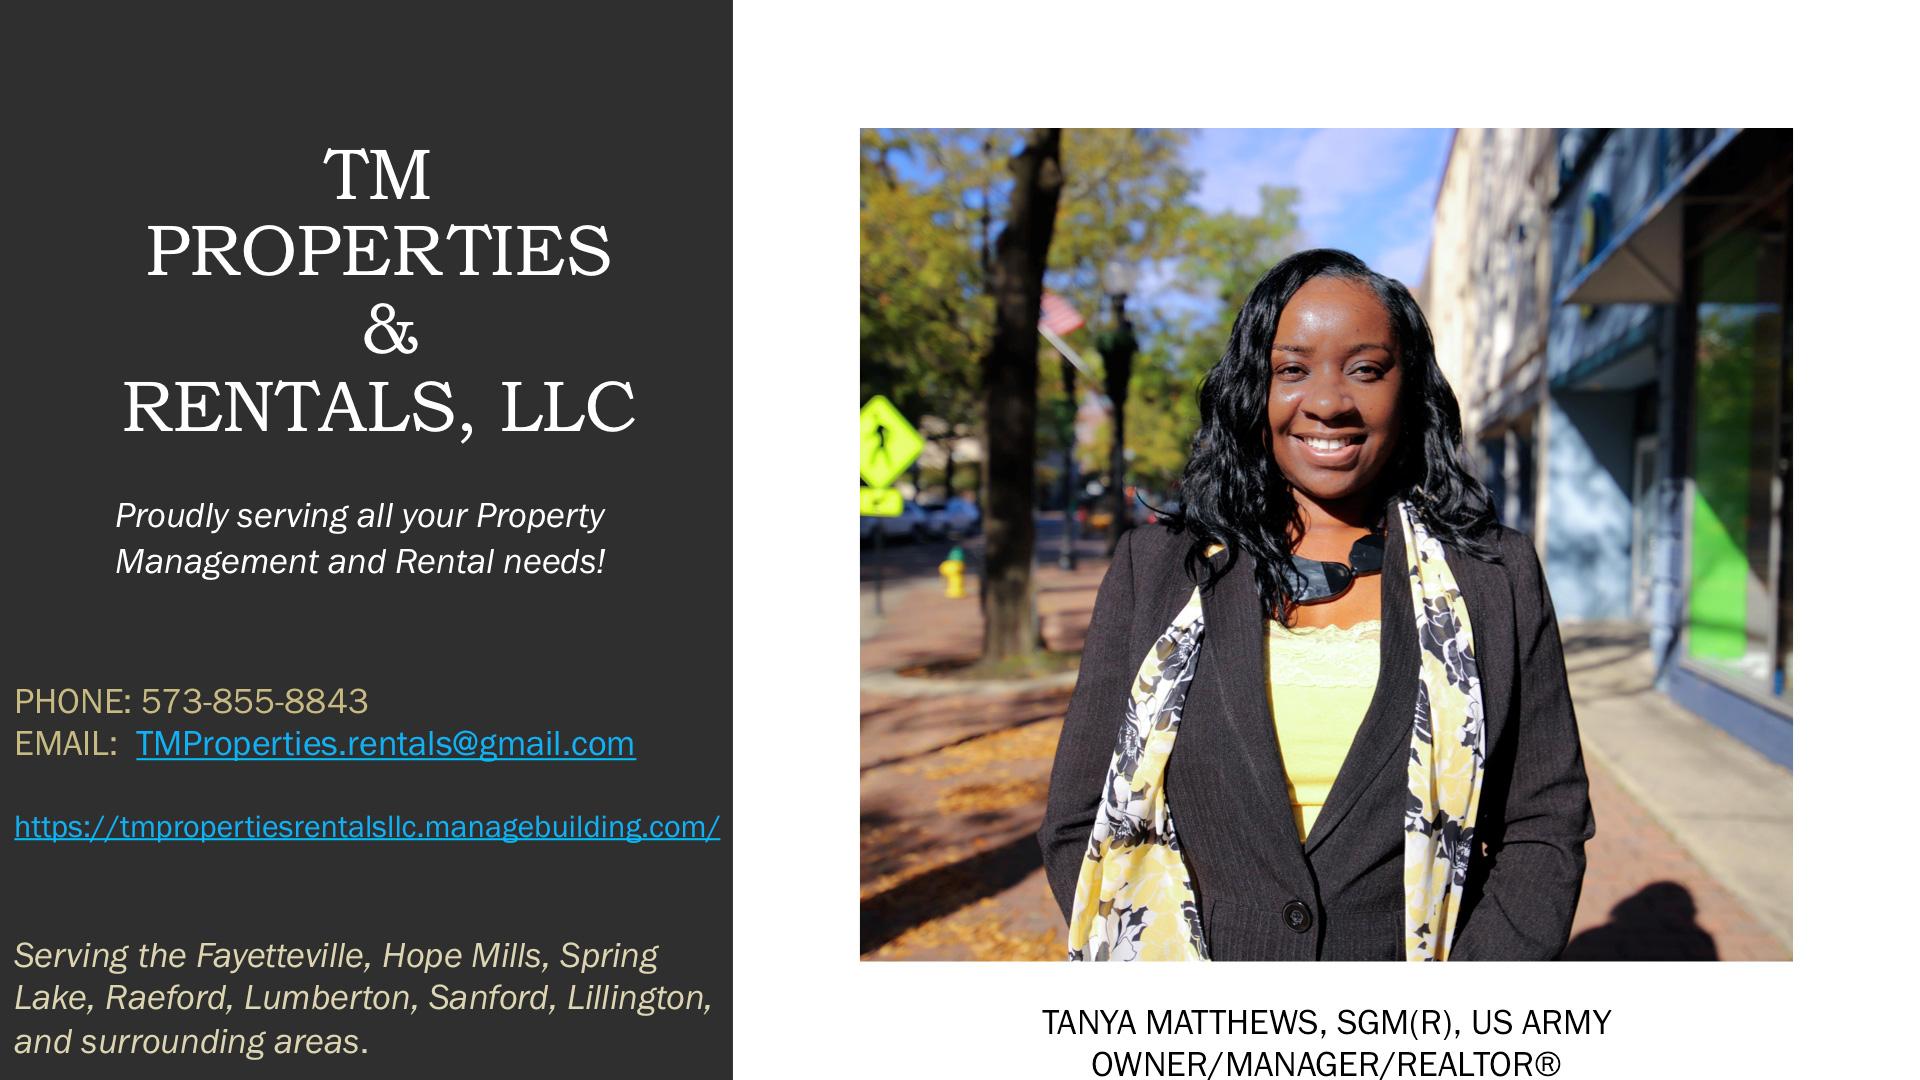 TM Properties & Rentals, LLC